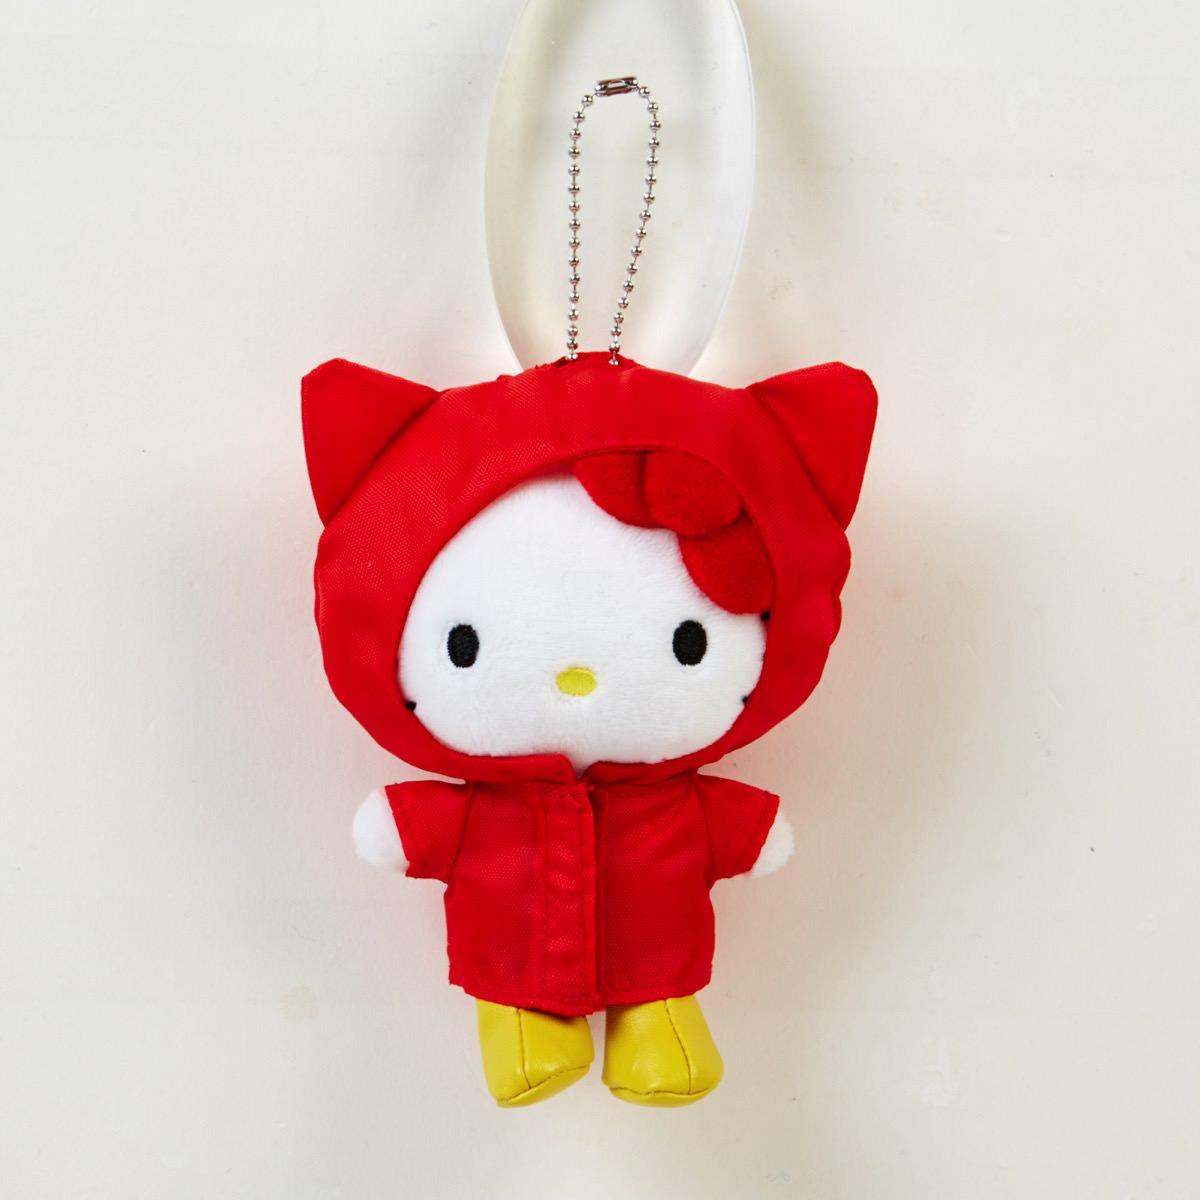 カラフル雨ちゃんマスコット キティ1